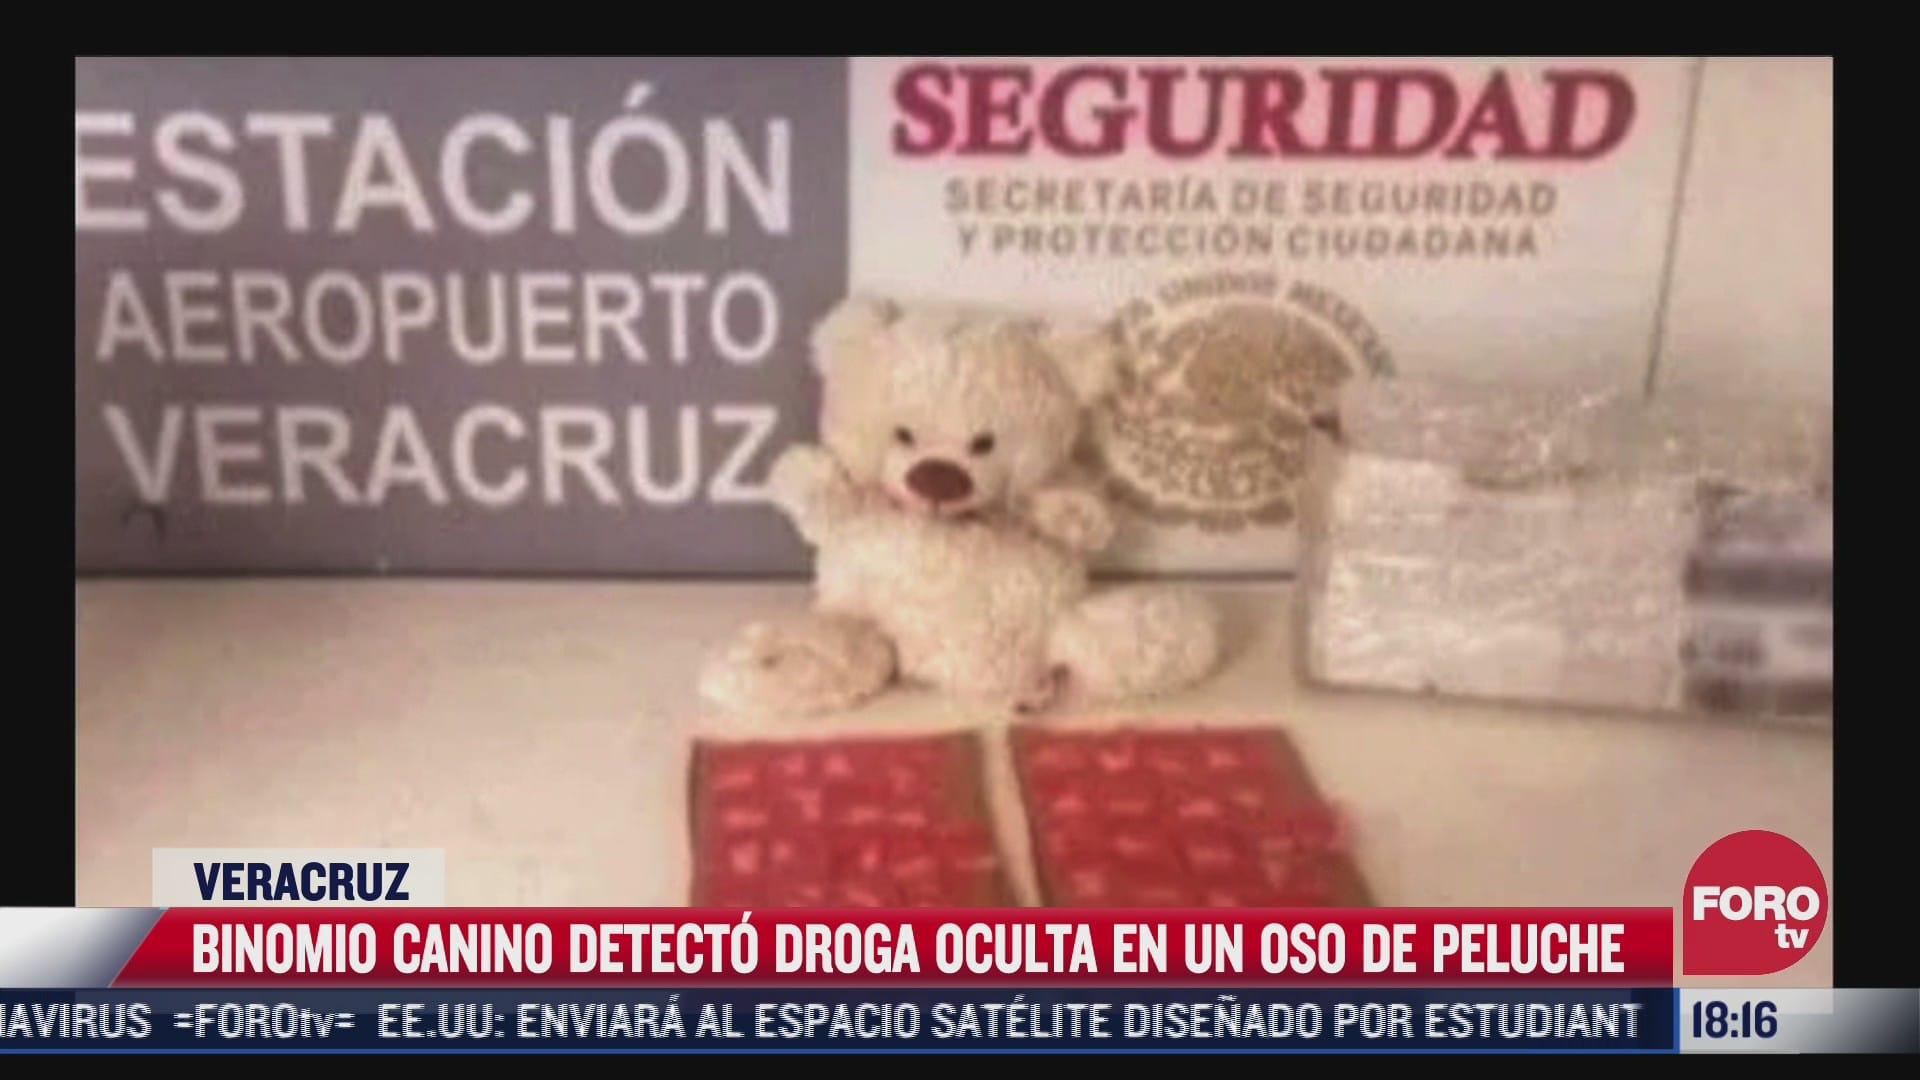 binomio canino detecta droga oculta en oso de peluche